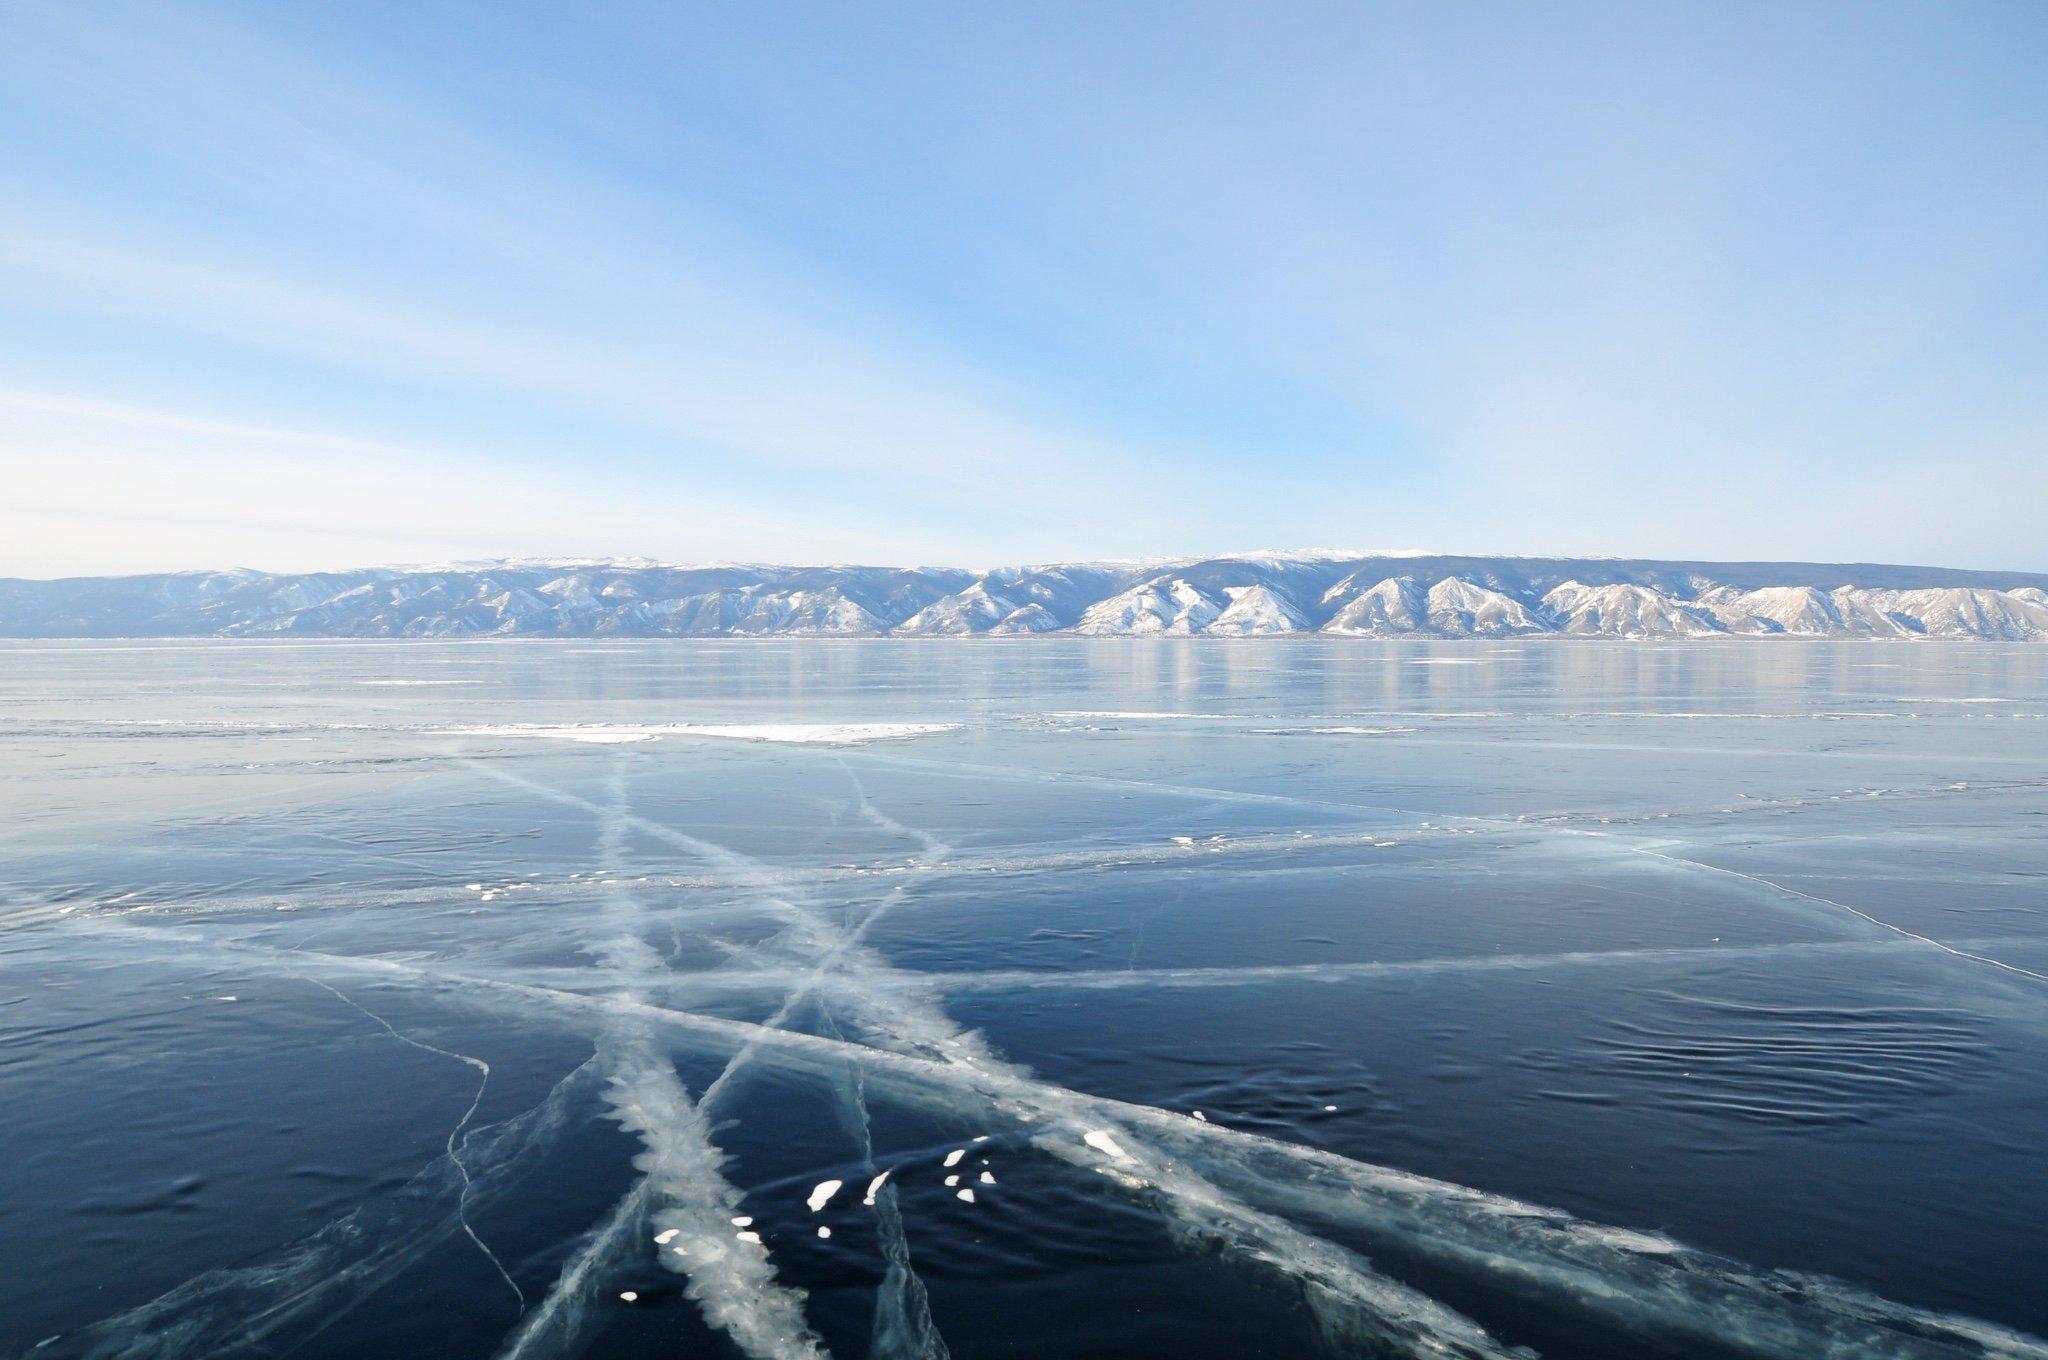 冰雪俄罗斯,独自走过的路